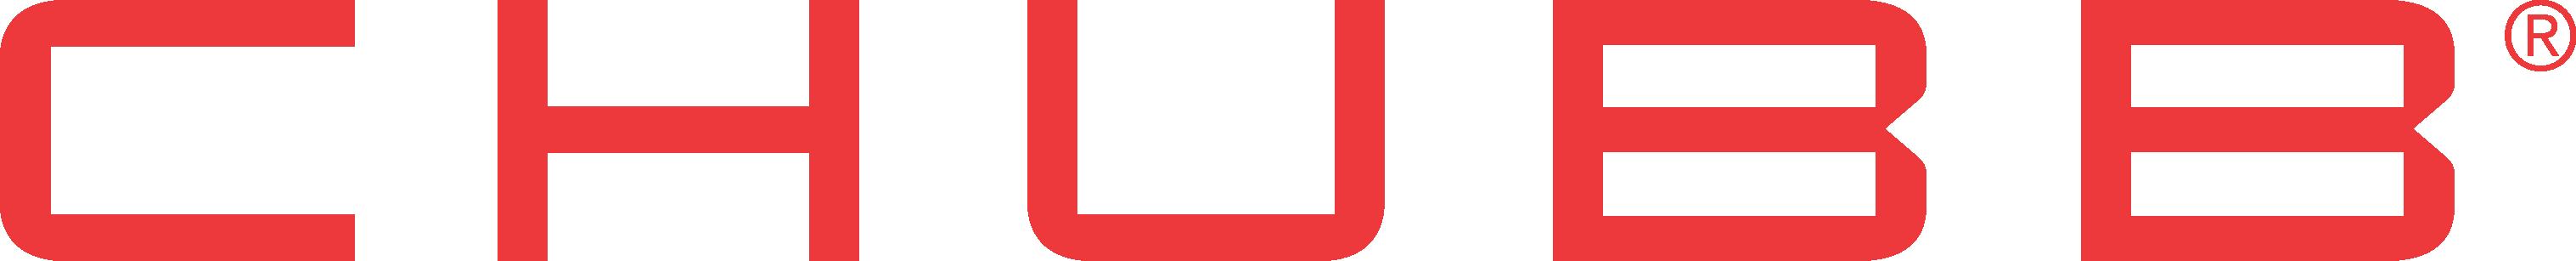 chubb_logo_red_pms-c